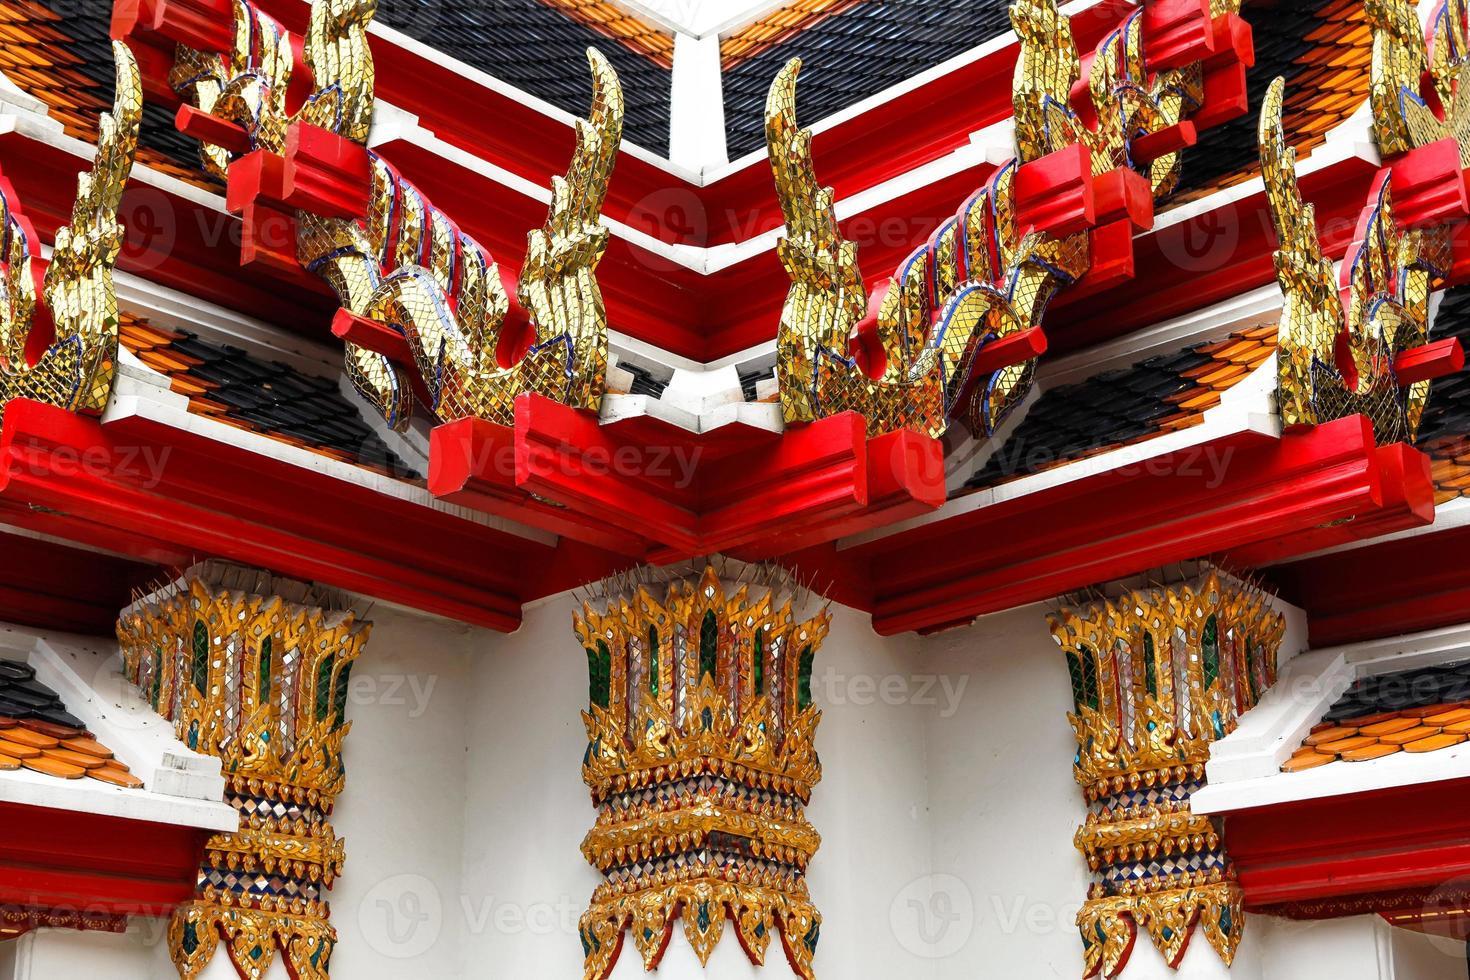 decoratieve elementen van een boeddhistische tempel foto